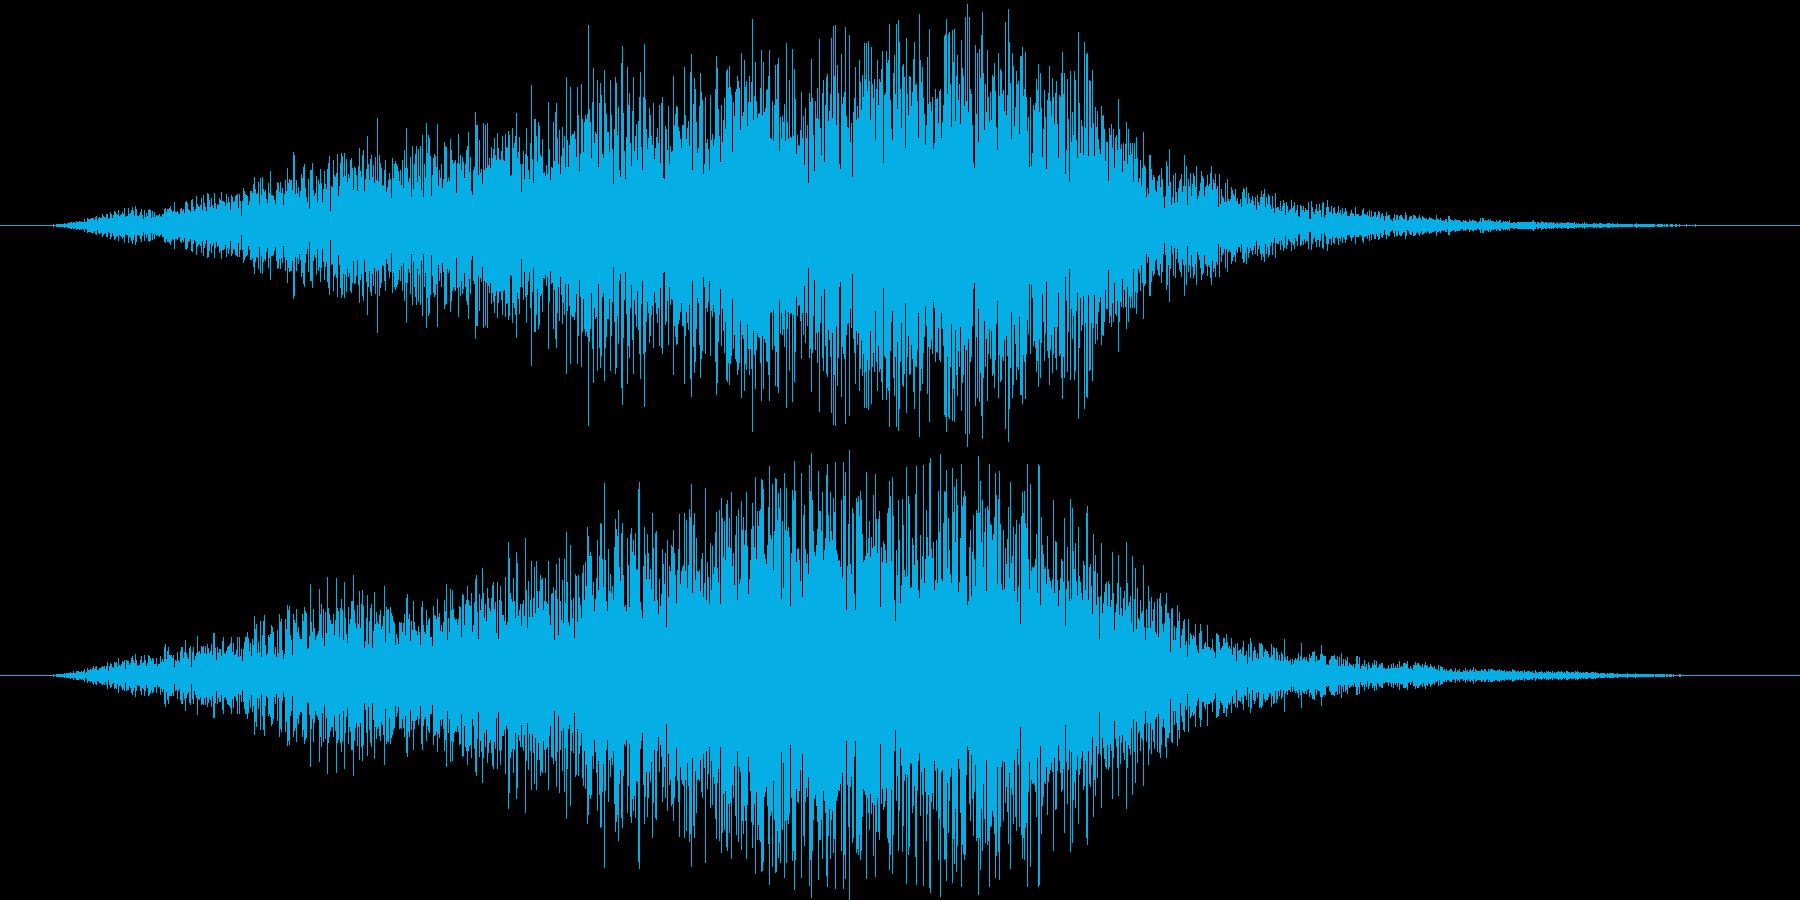 フワーーーン(サスペンス的)の再生済みの波形